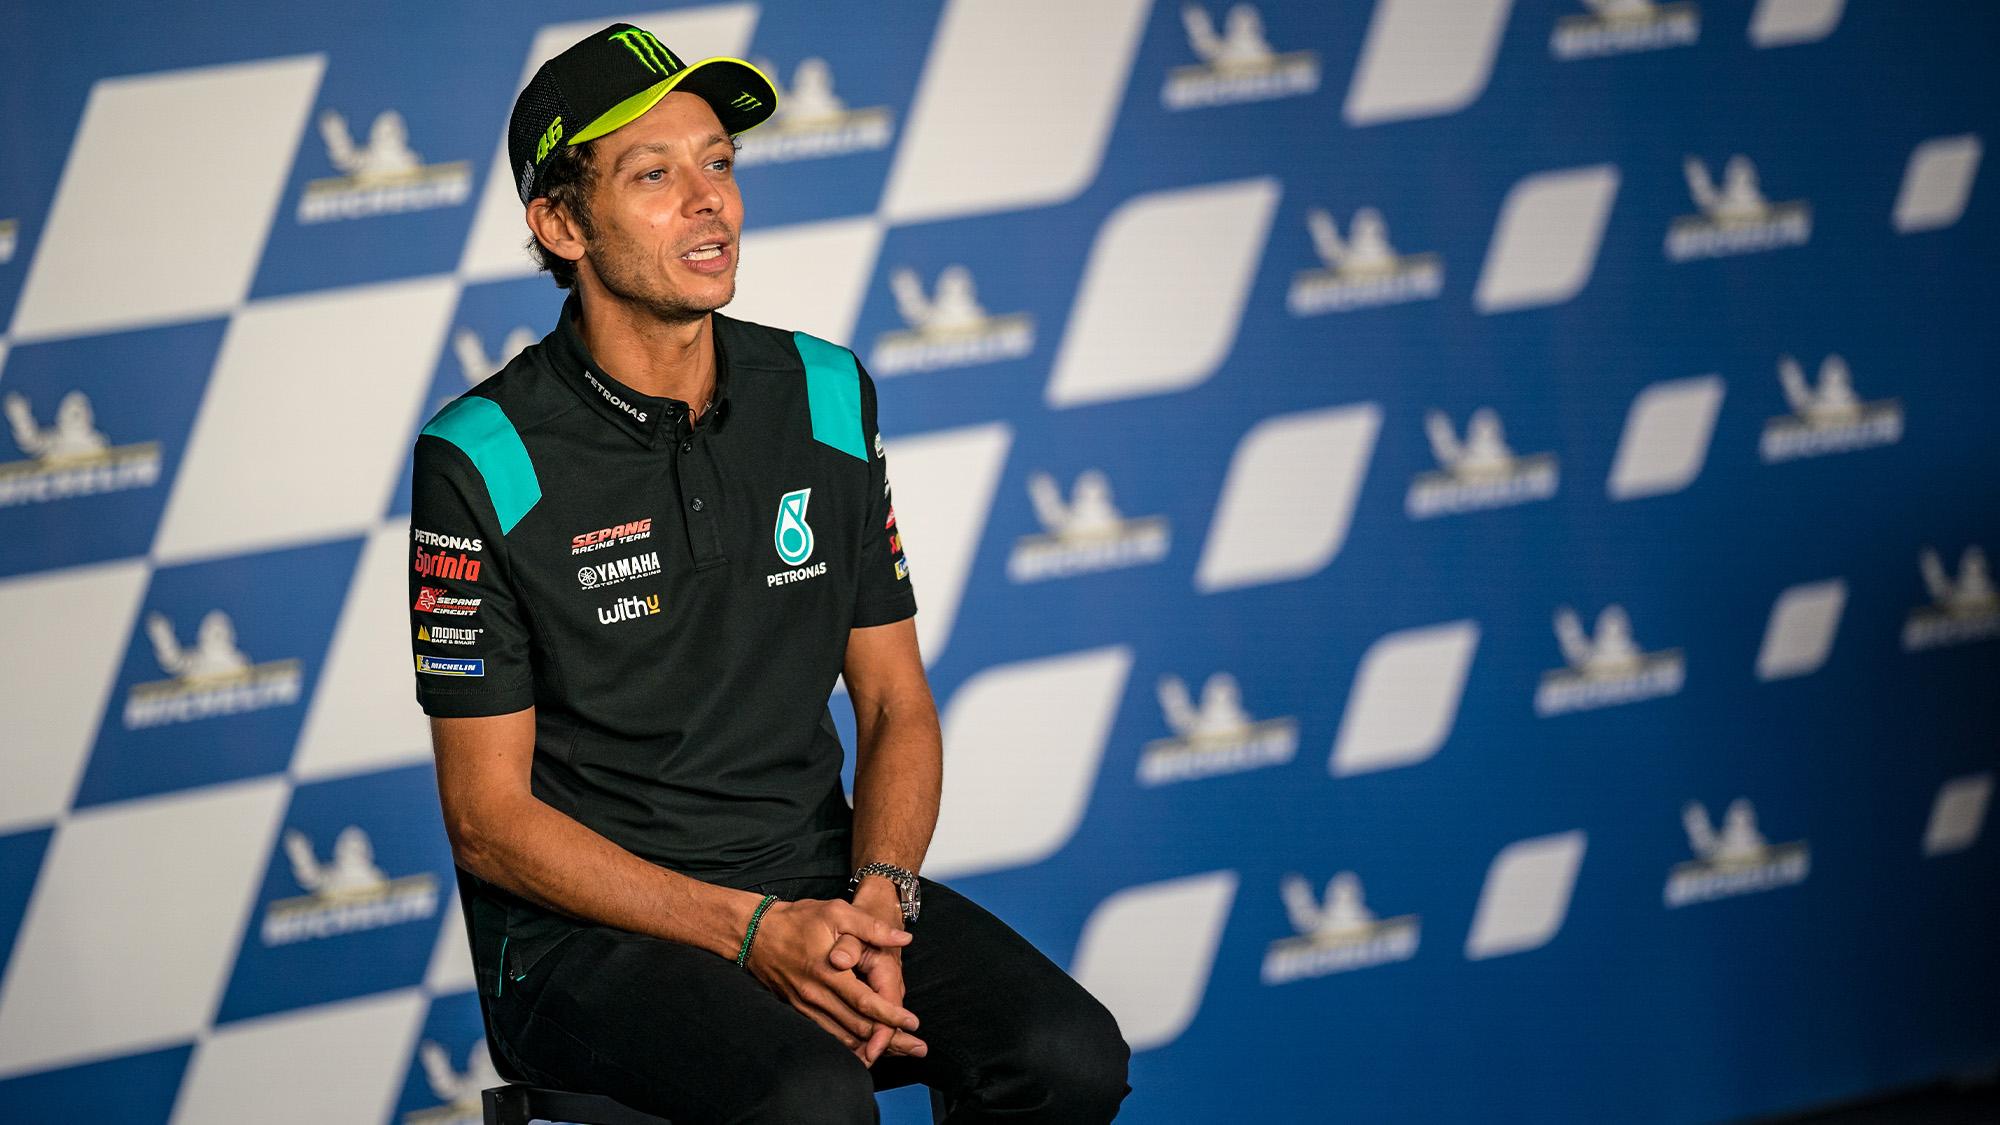 Valentino Rossi announces his retirment from MotoGP racing in Austria 2021